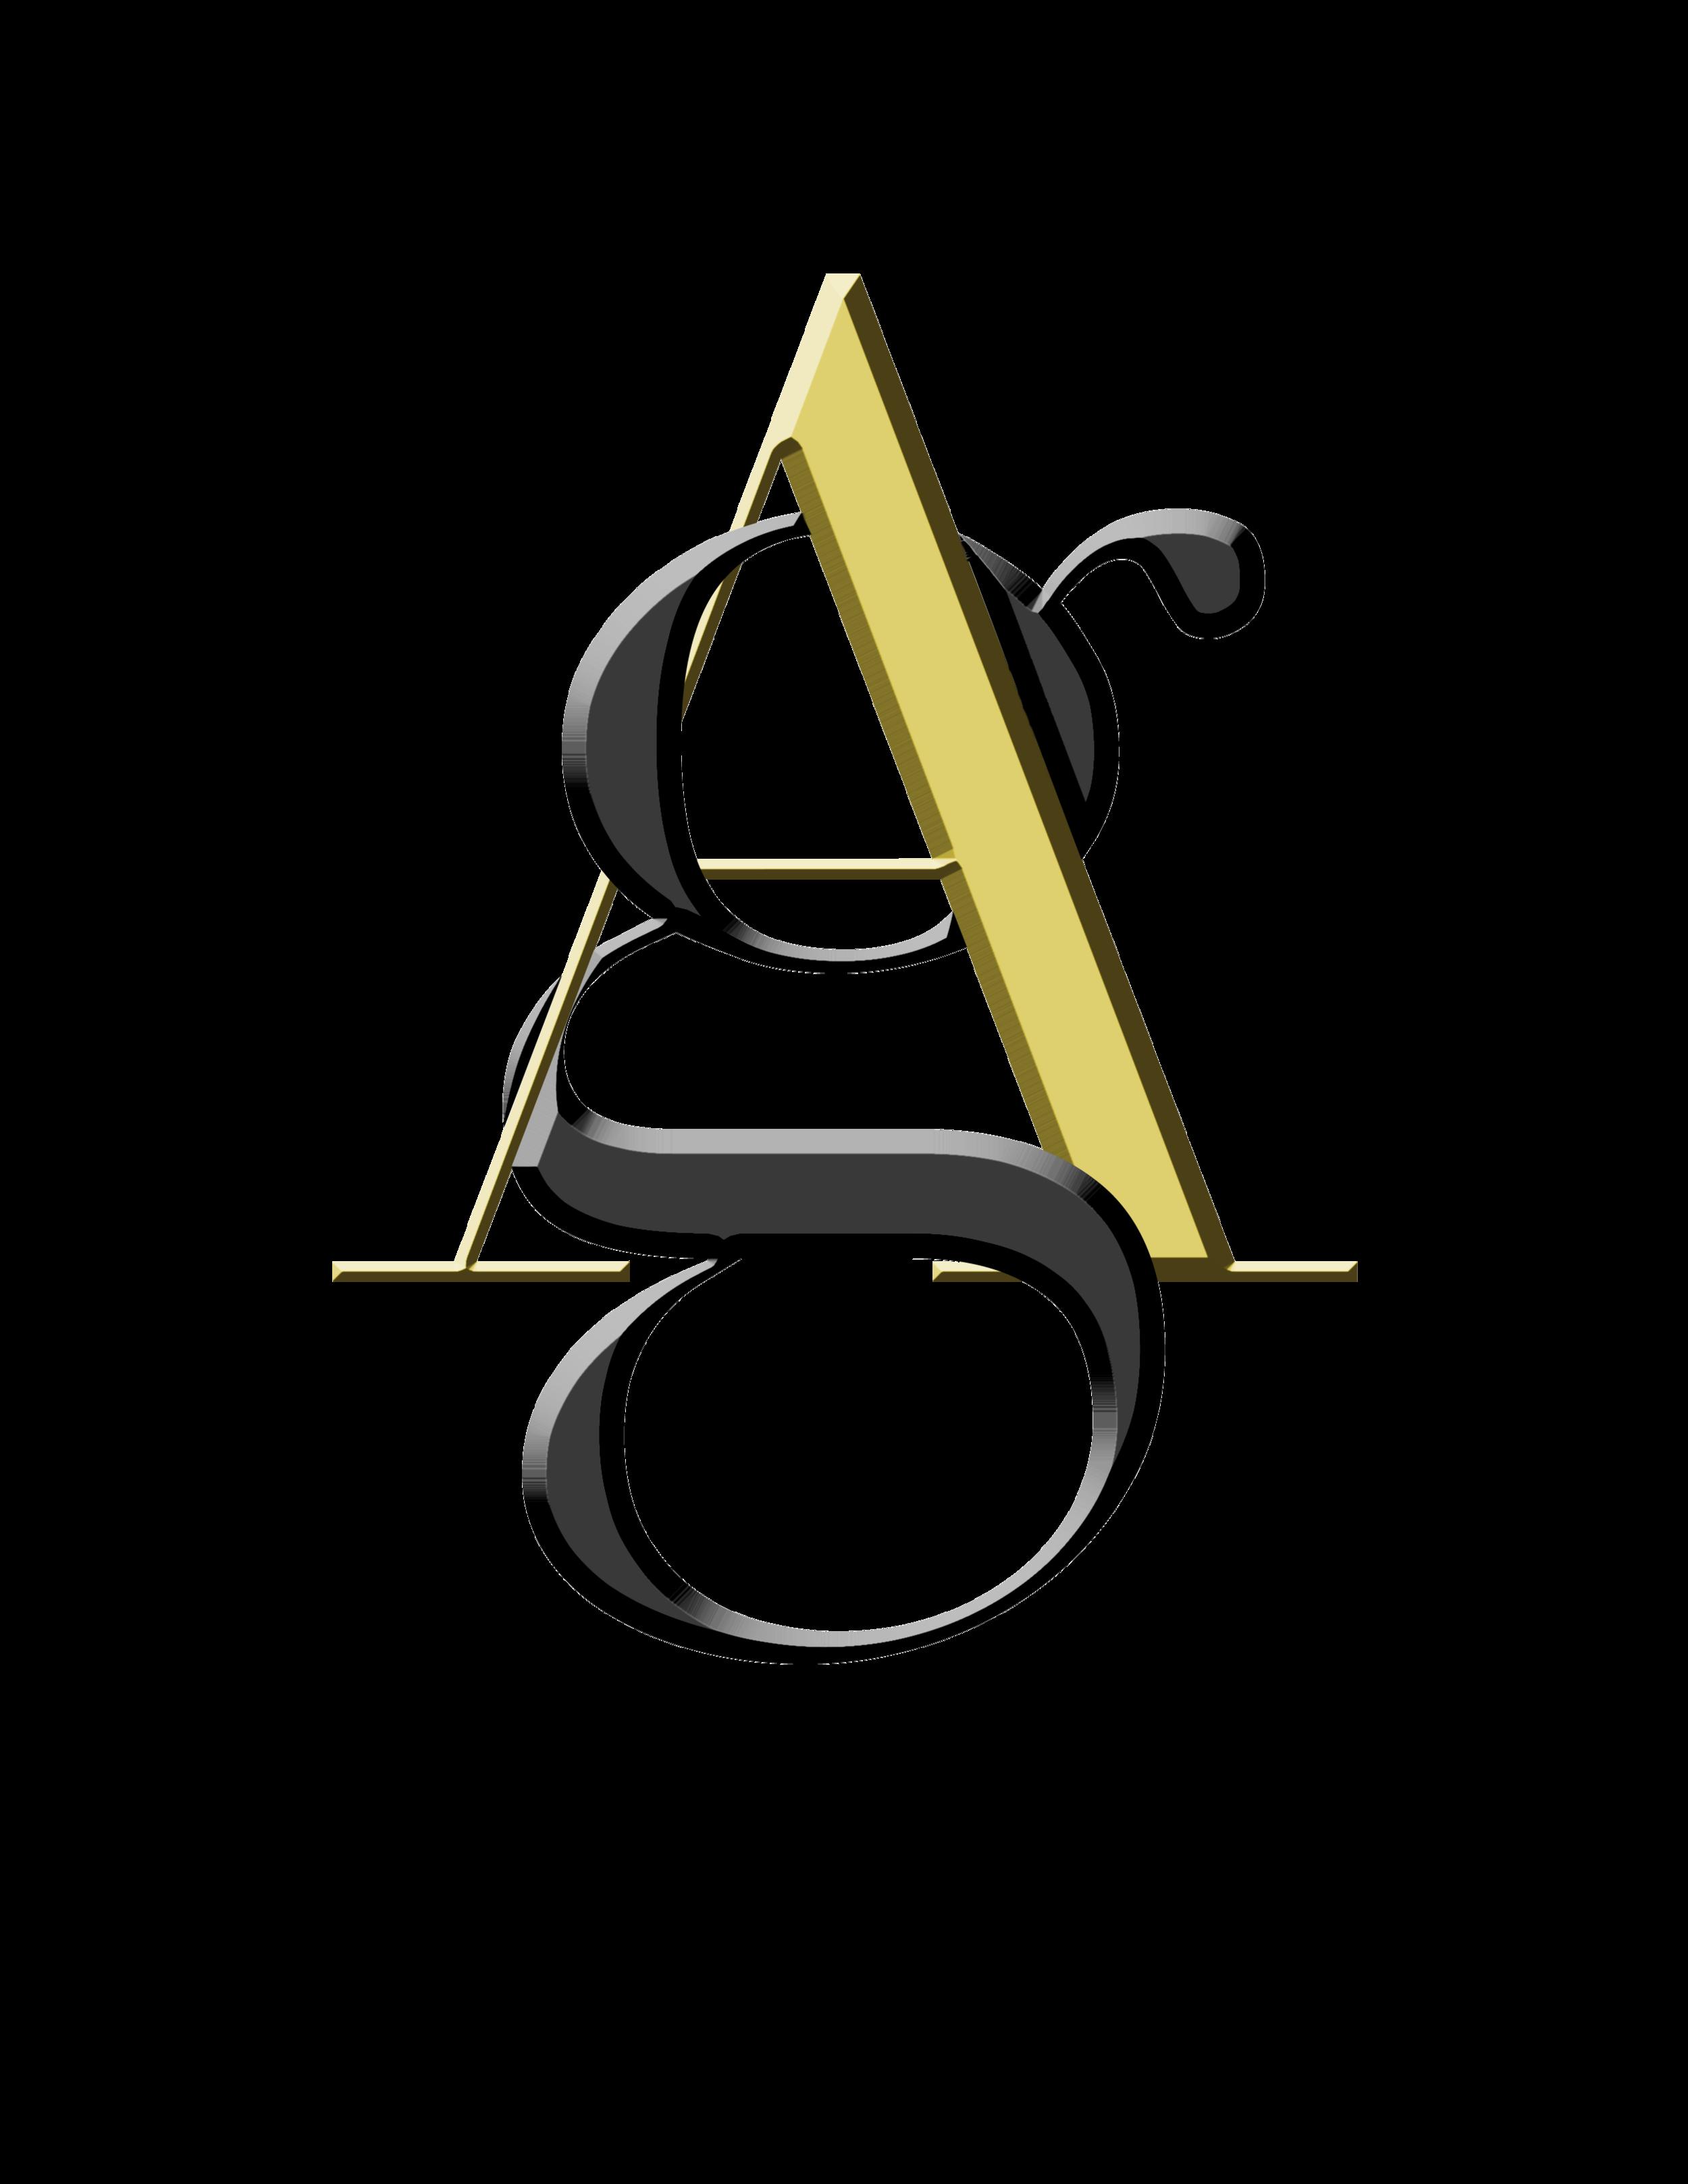 Alpha G.E.N.T.S. Mentoring Program Logo